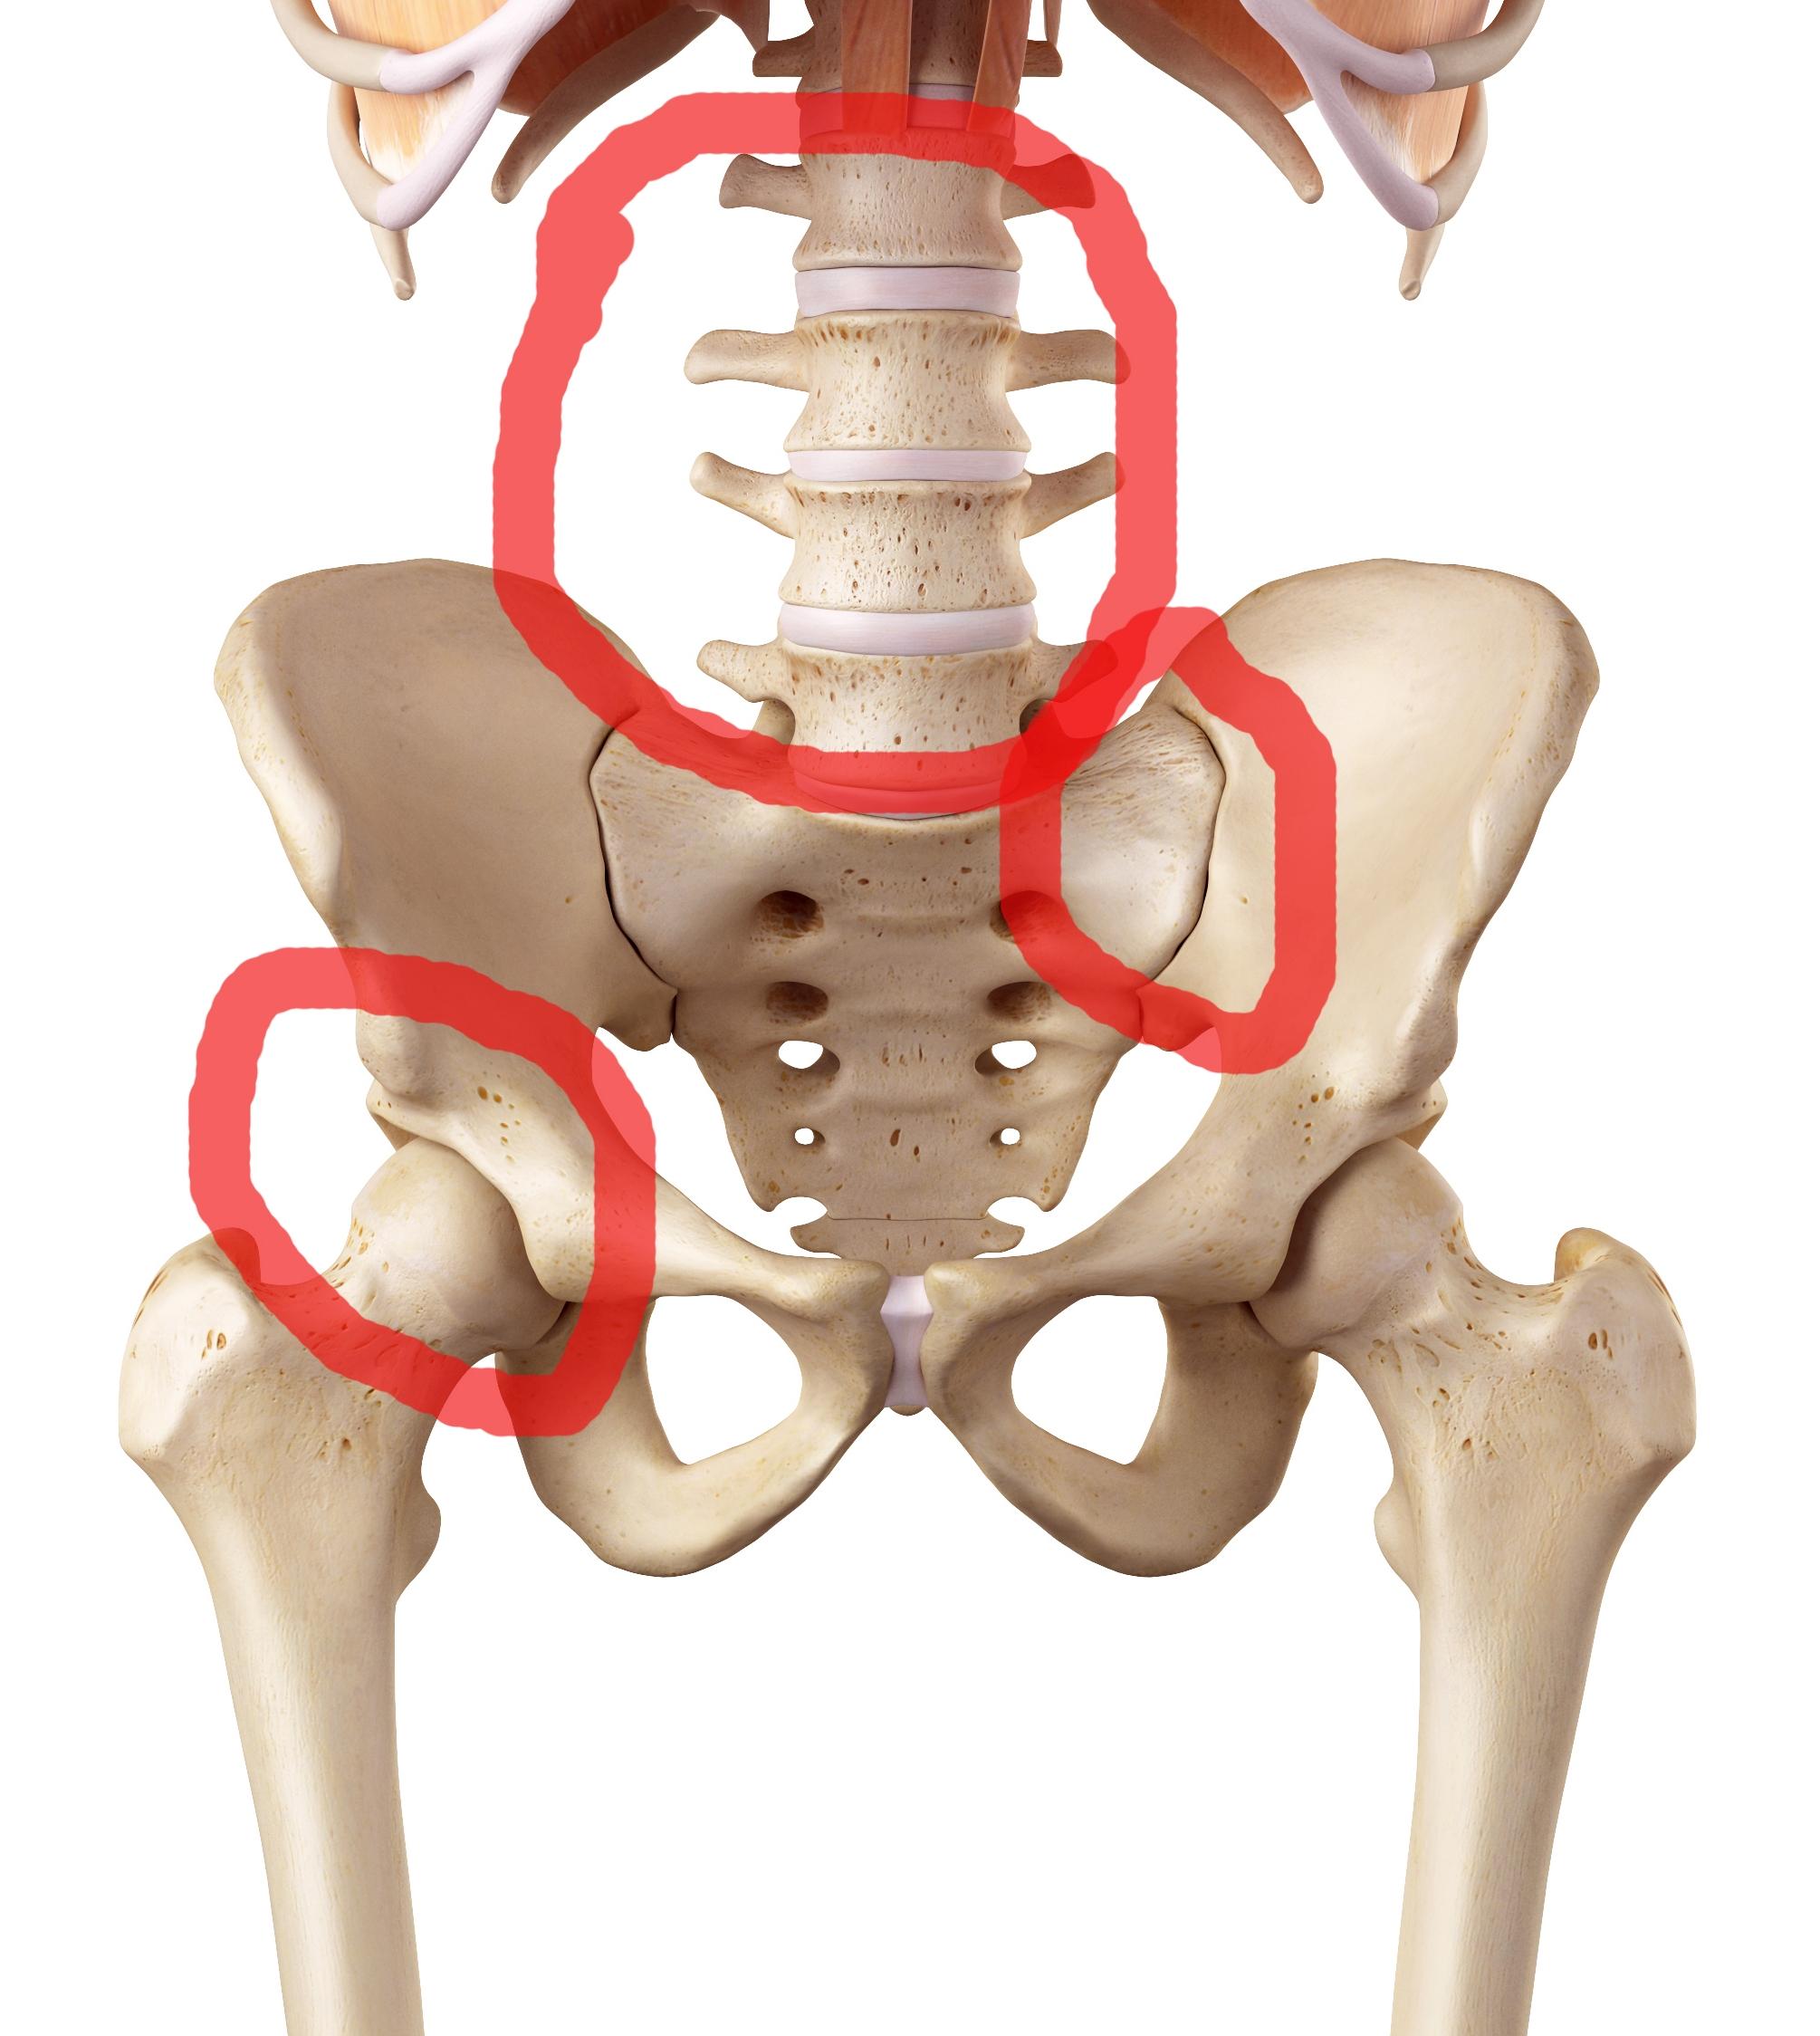 rövid ízületi fájdalom térdízületi meniszkusz súlyossága